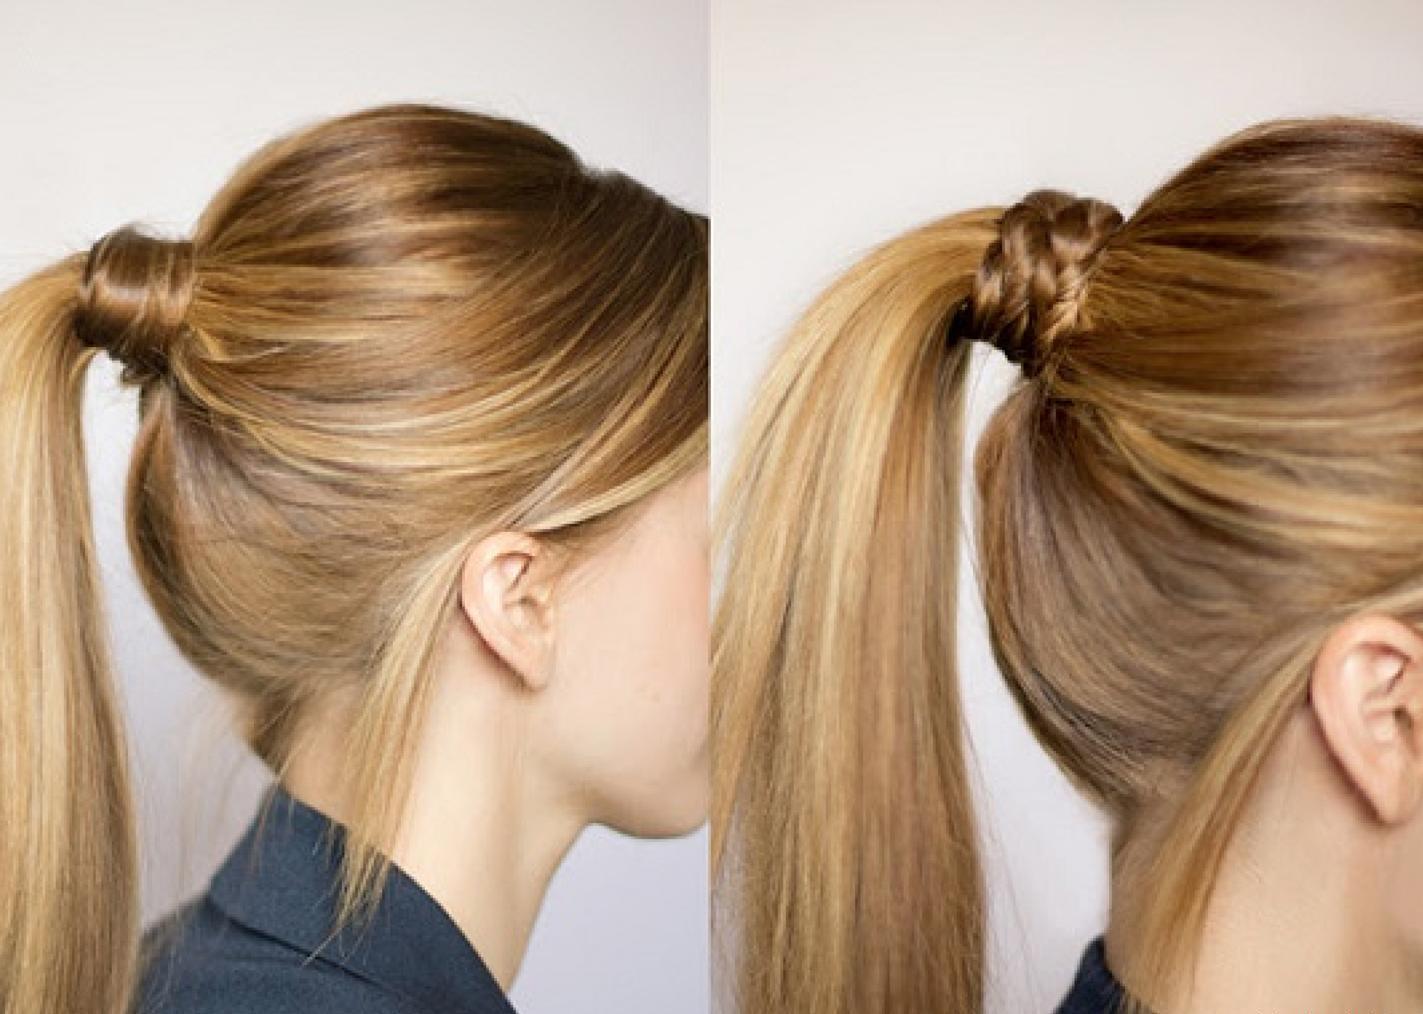 Прически на длинные волосы своими руками хвост